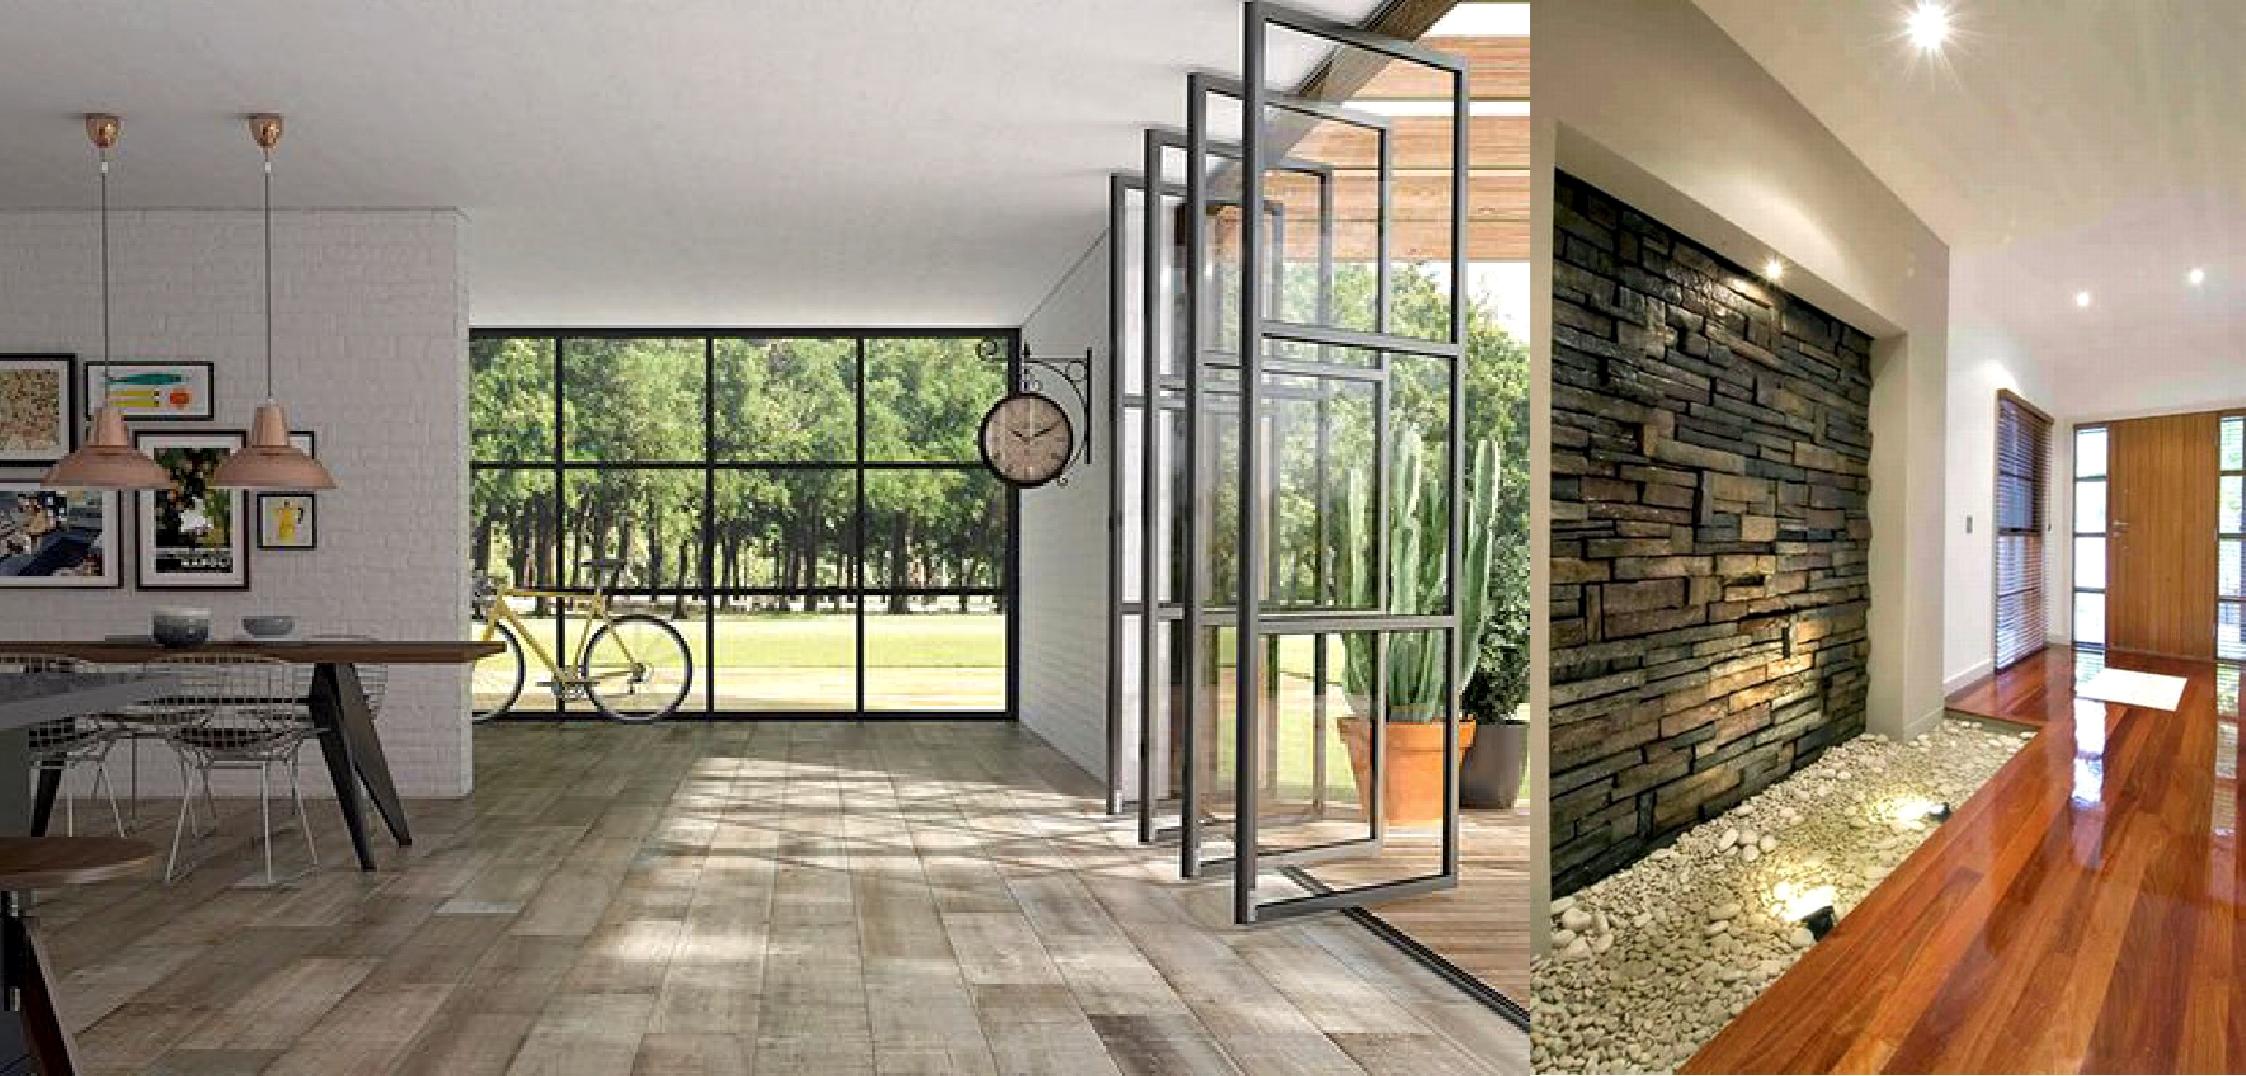 Qu pisos usar para decorar los ambientes argenprop for Ambientes modernos interiores